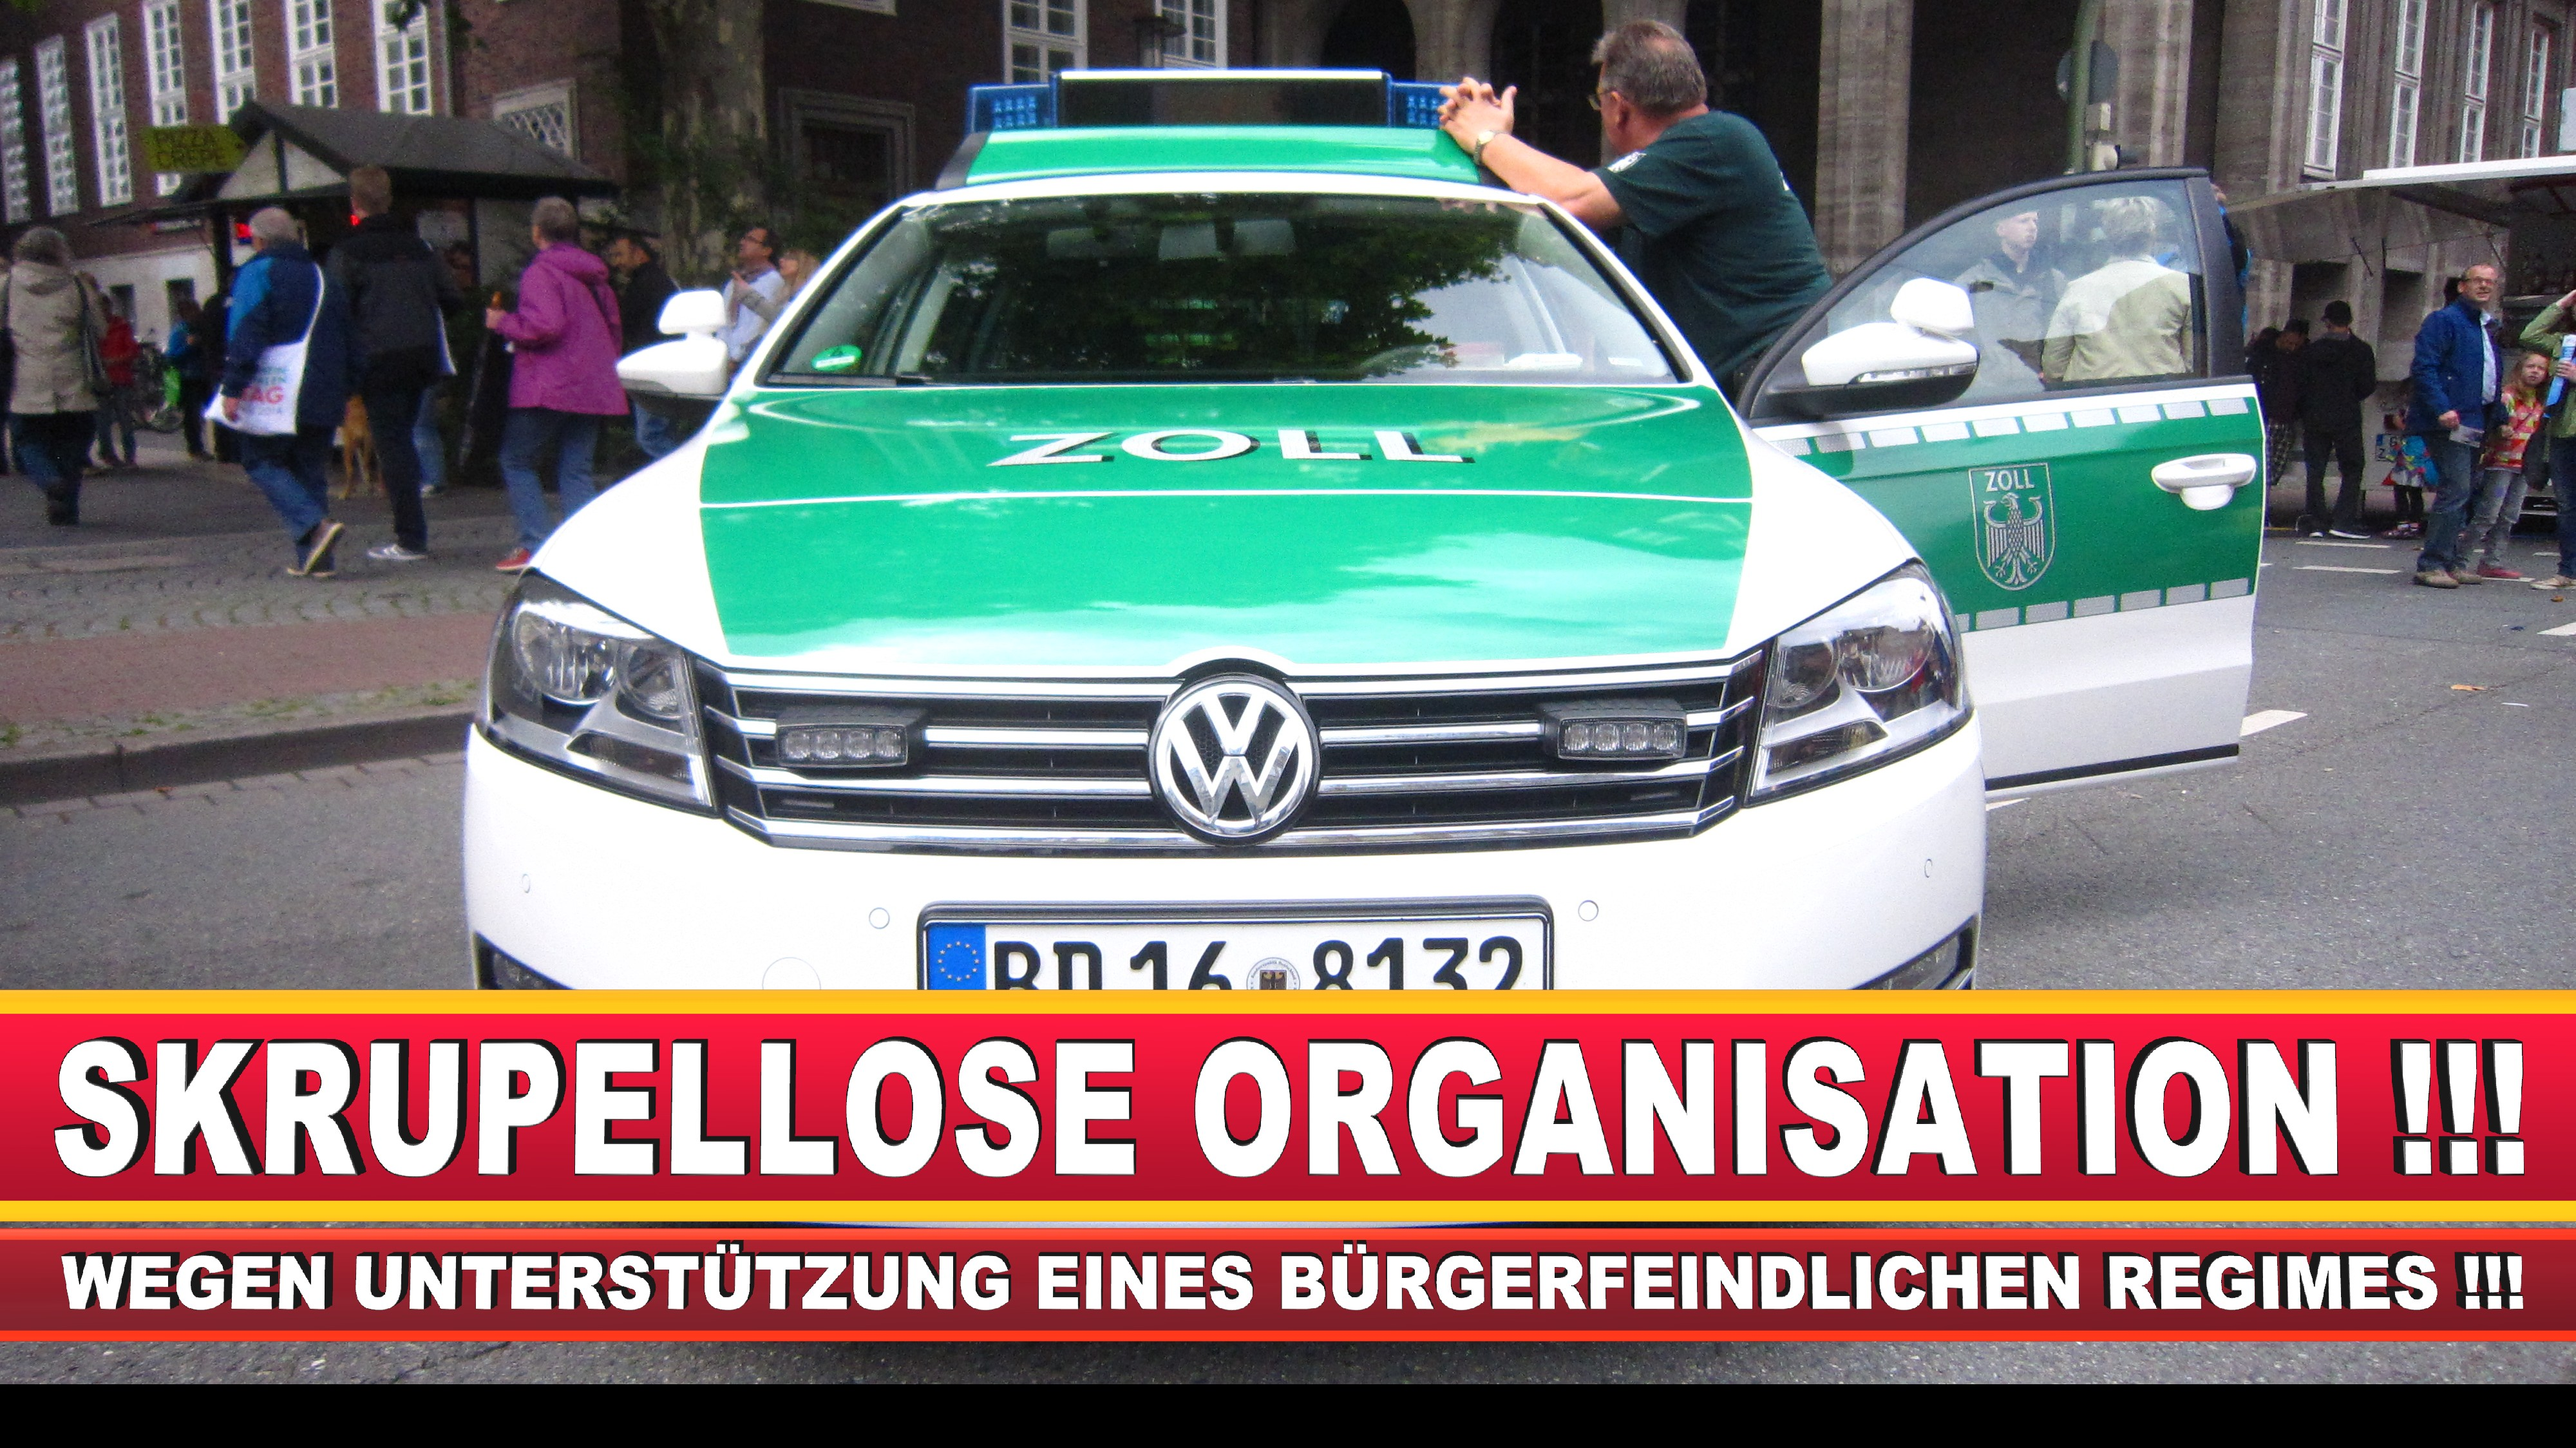 Polizeipräsidentin Katharina Giere Polizei Bielefeld NRW Erwin Südfeld Horst Kruse Polizeiuniform Polizeigewalt DEMONSTRATION Bahnhof (34)